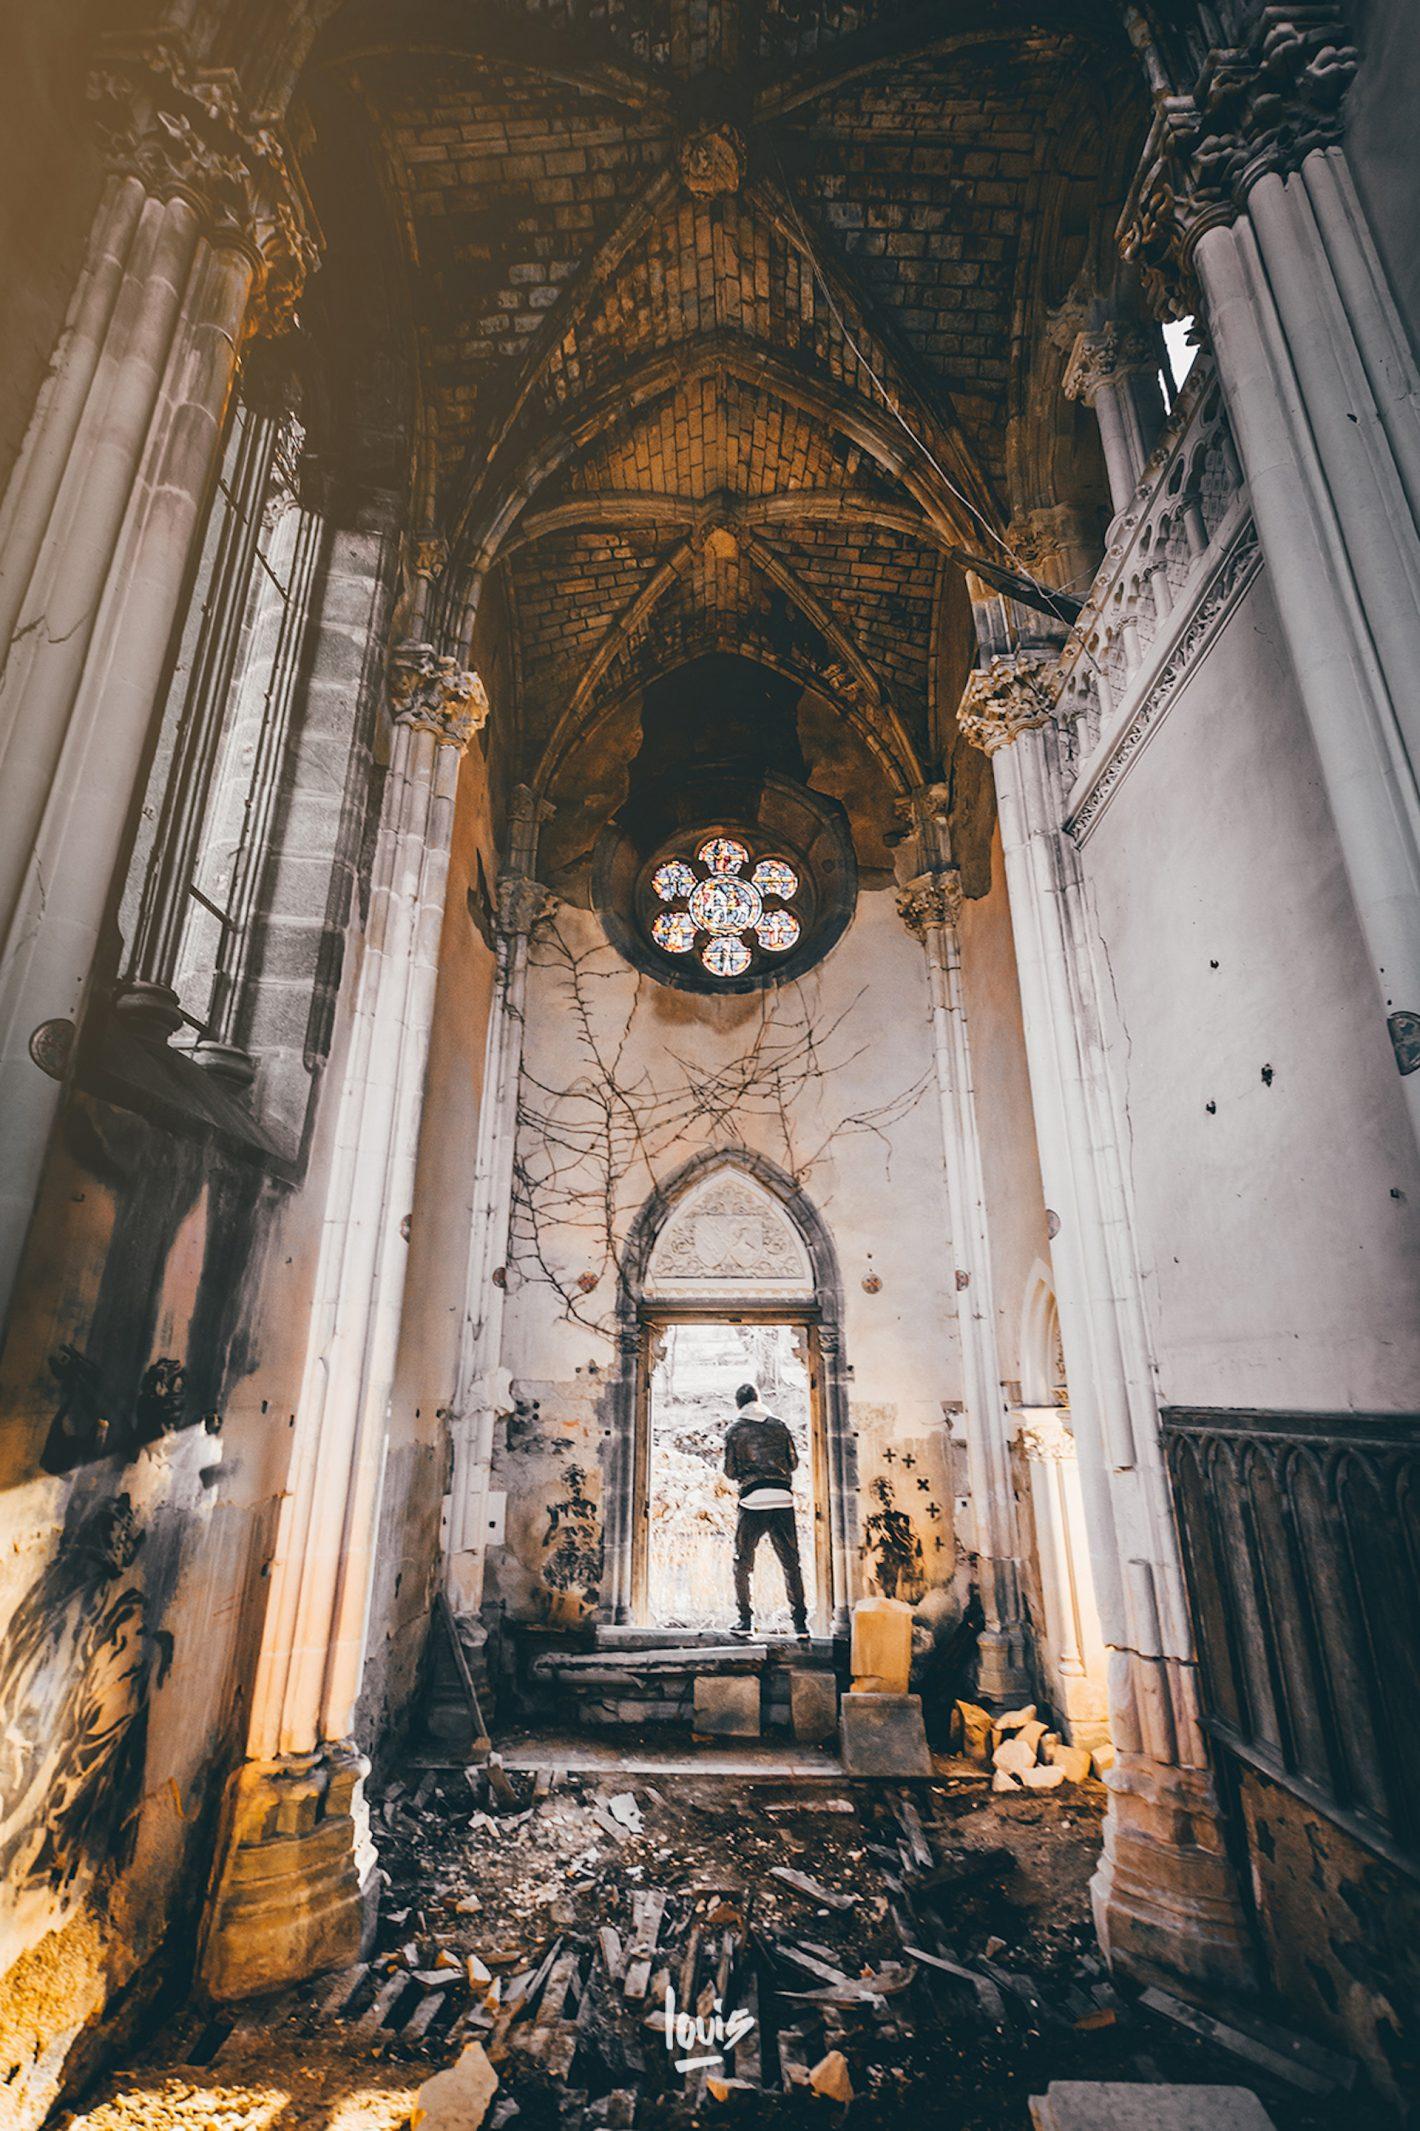 Les lieux abandonnés remplis d'histoires / Louis Maniquet